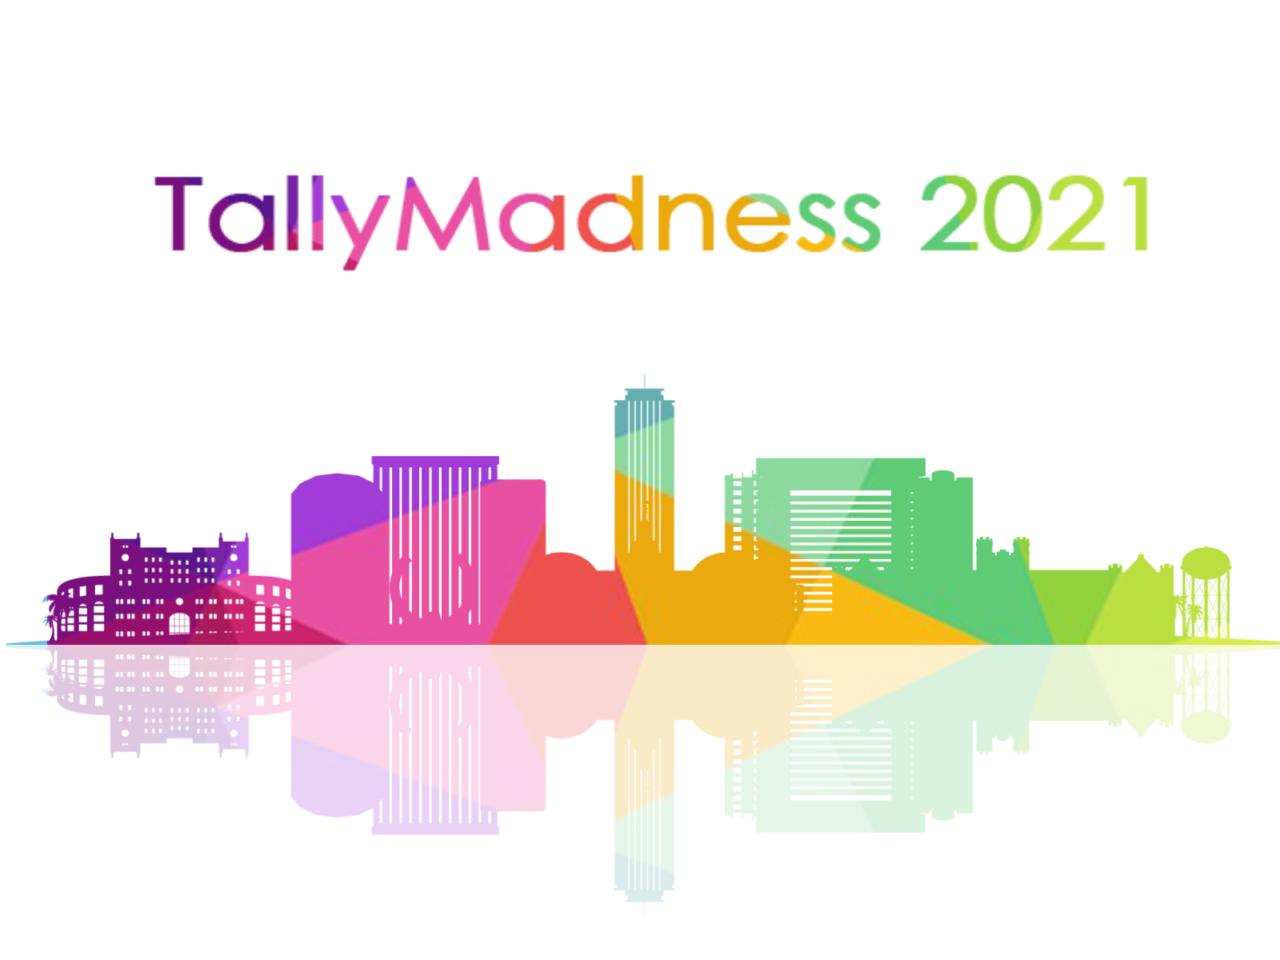 TallyMadness2021_1600x1200_01-1280x960.png